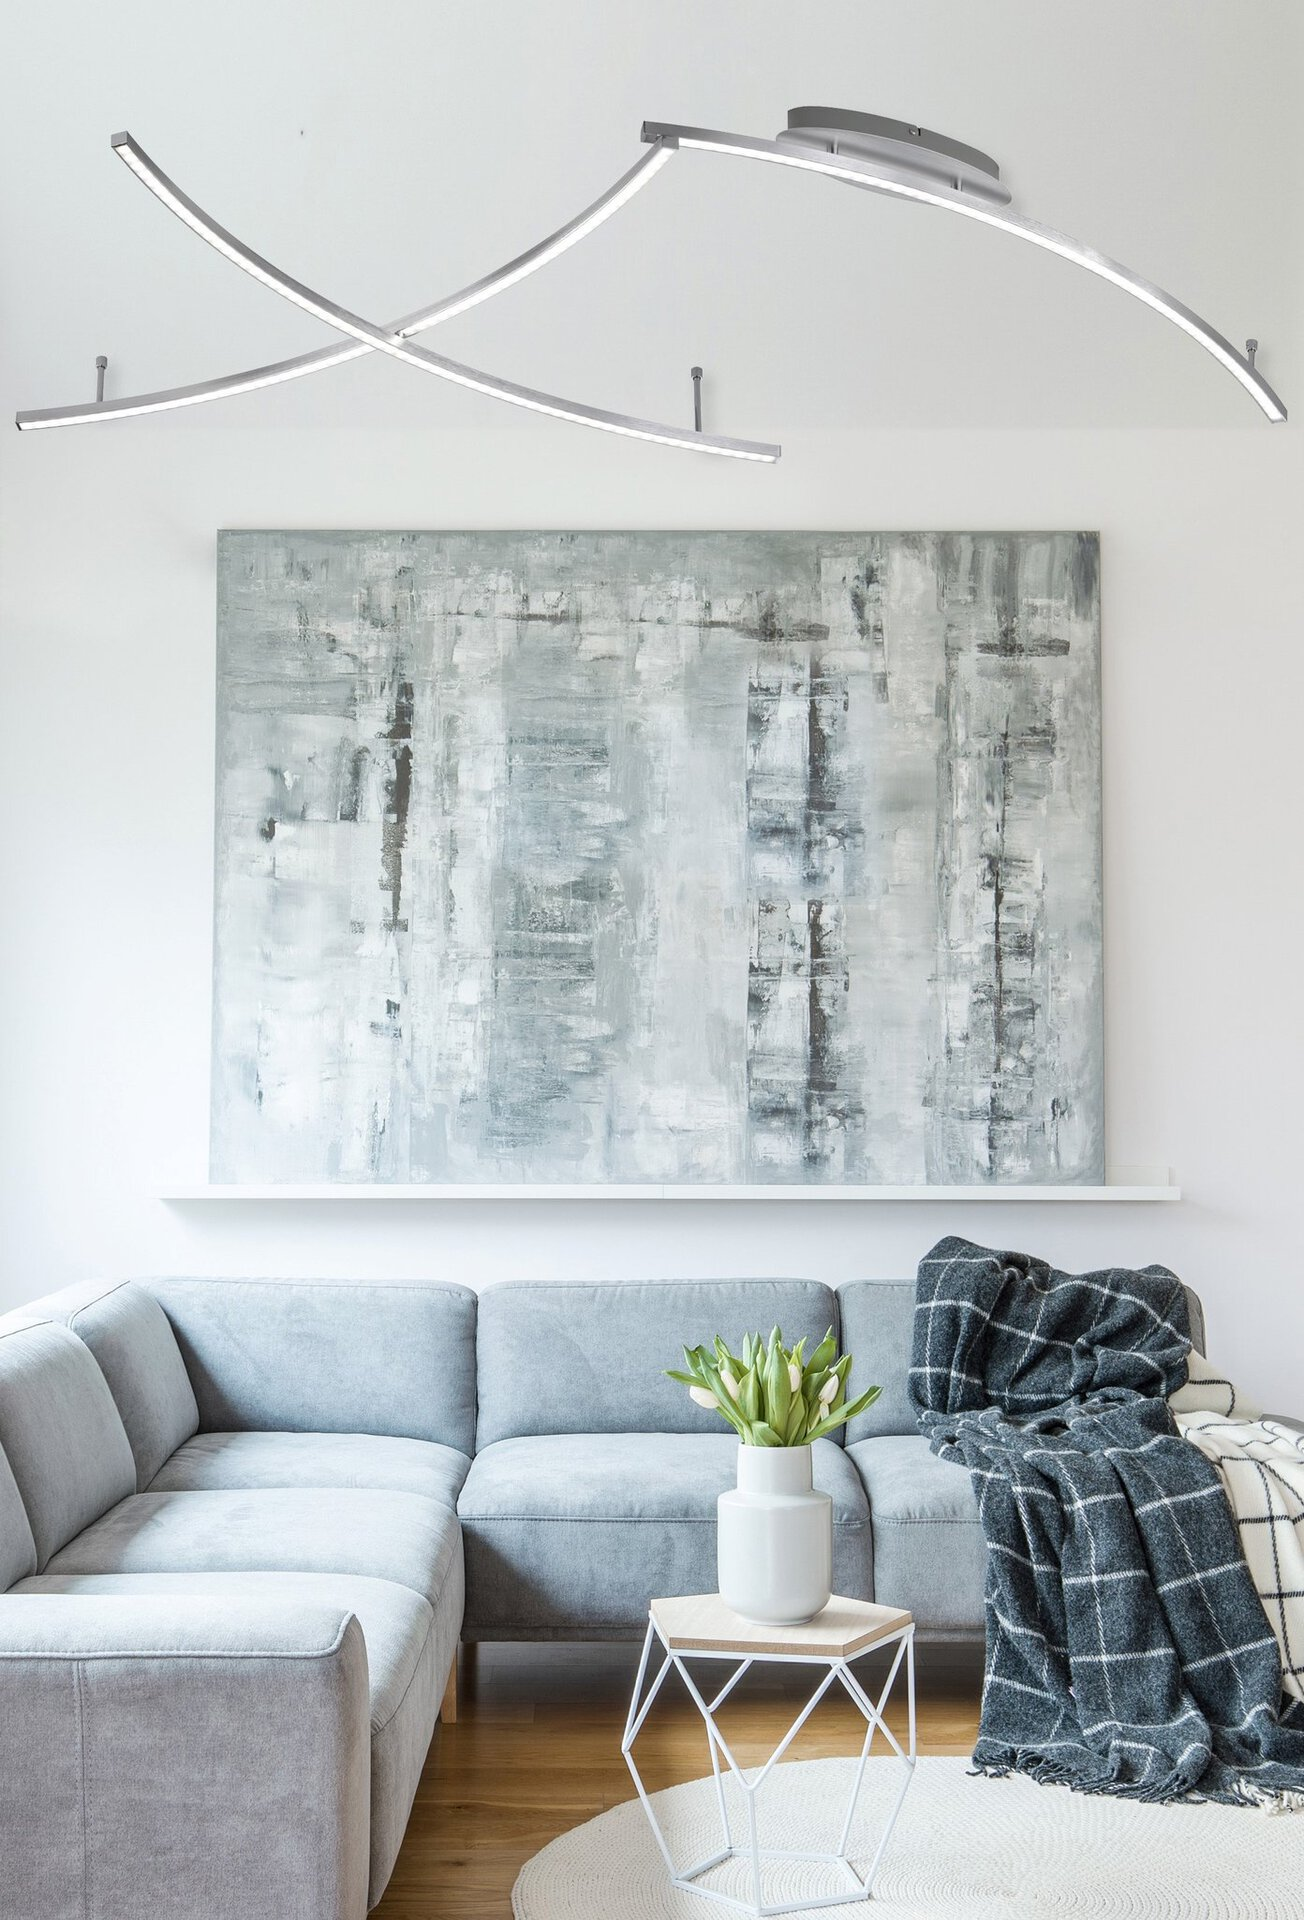 Deckenleuchte Mons Wofi Leuchten Metall silber 97 x 10 x 190 cm